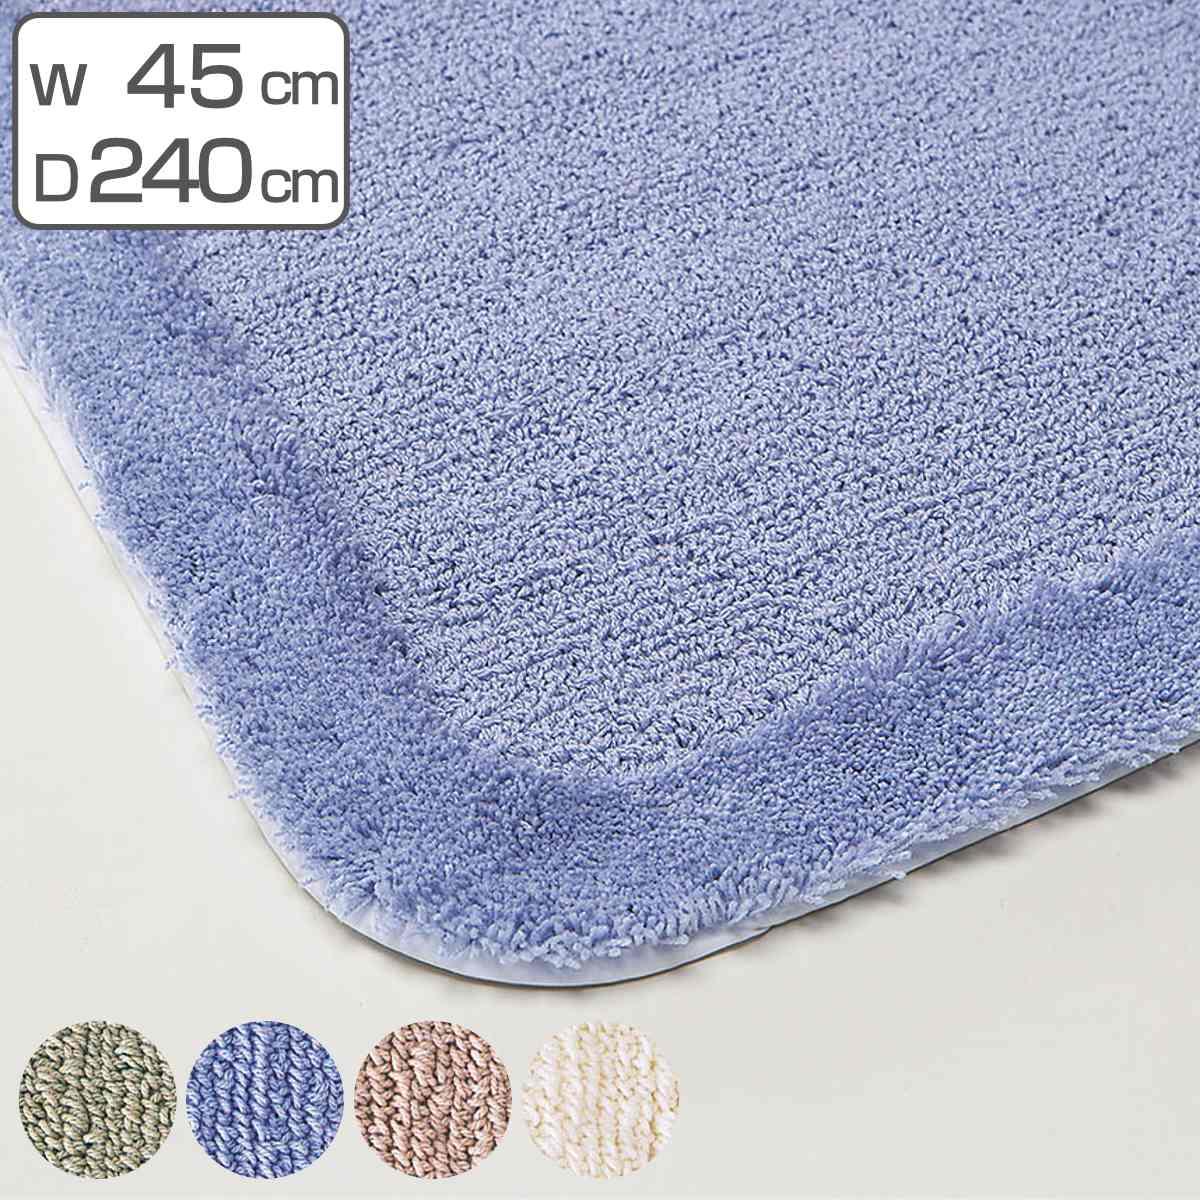 バスマット業務用 吸水ループパイル ノンスリップ抗菌仕様 45×240  ( 足拭き 風呂マット 送料無料 )